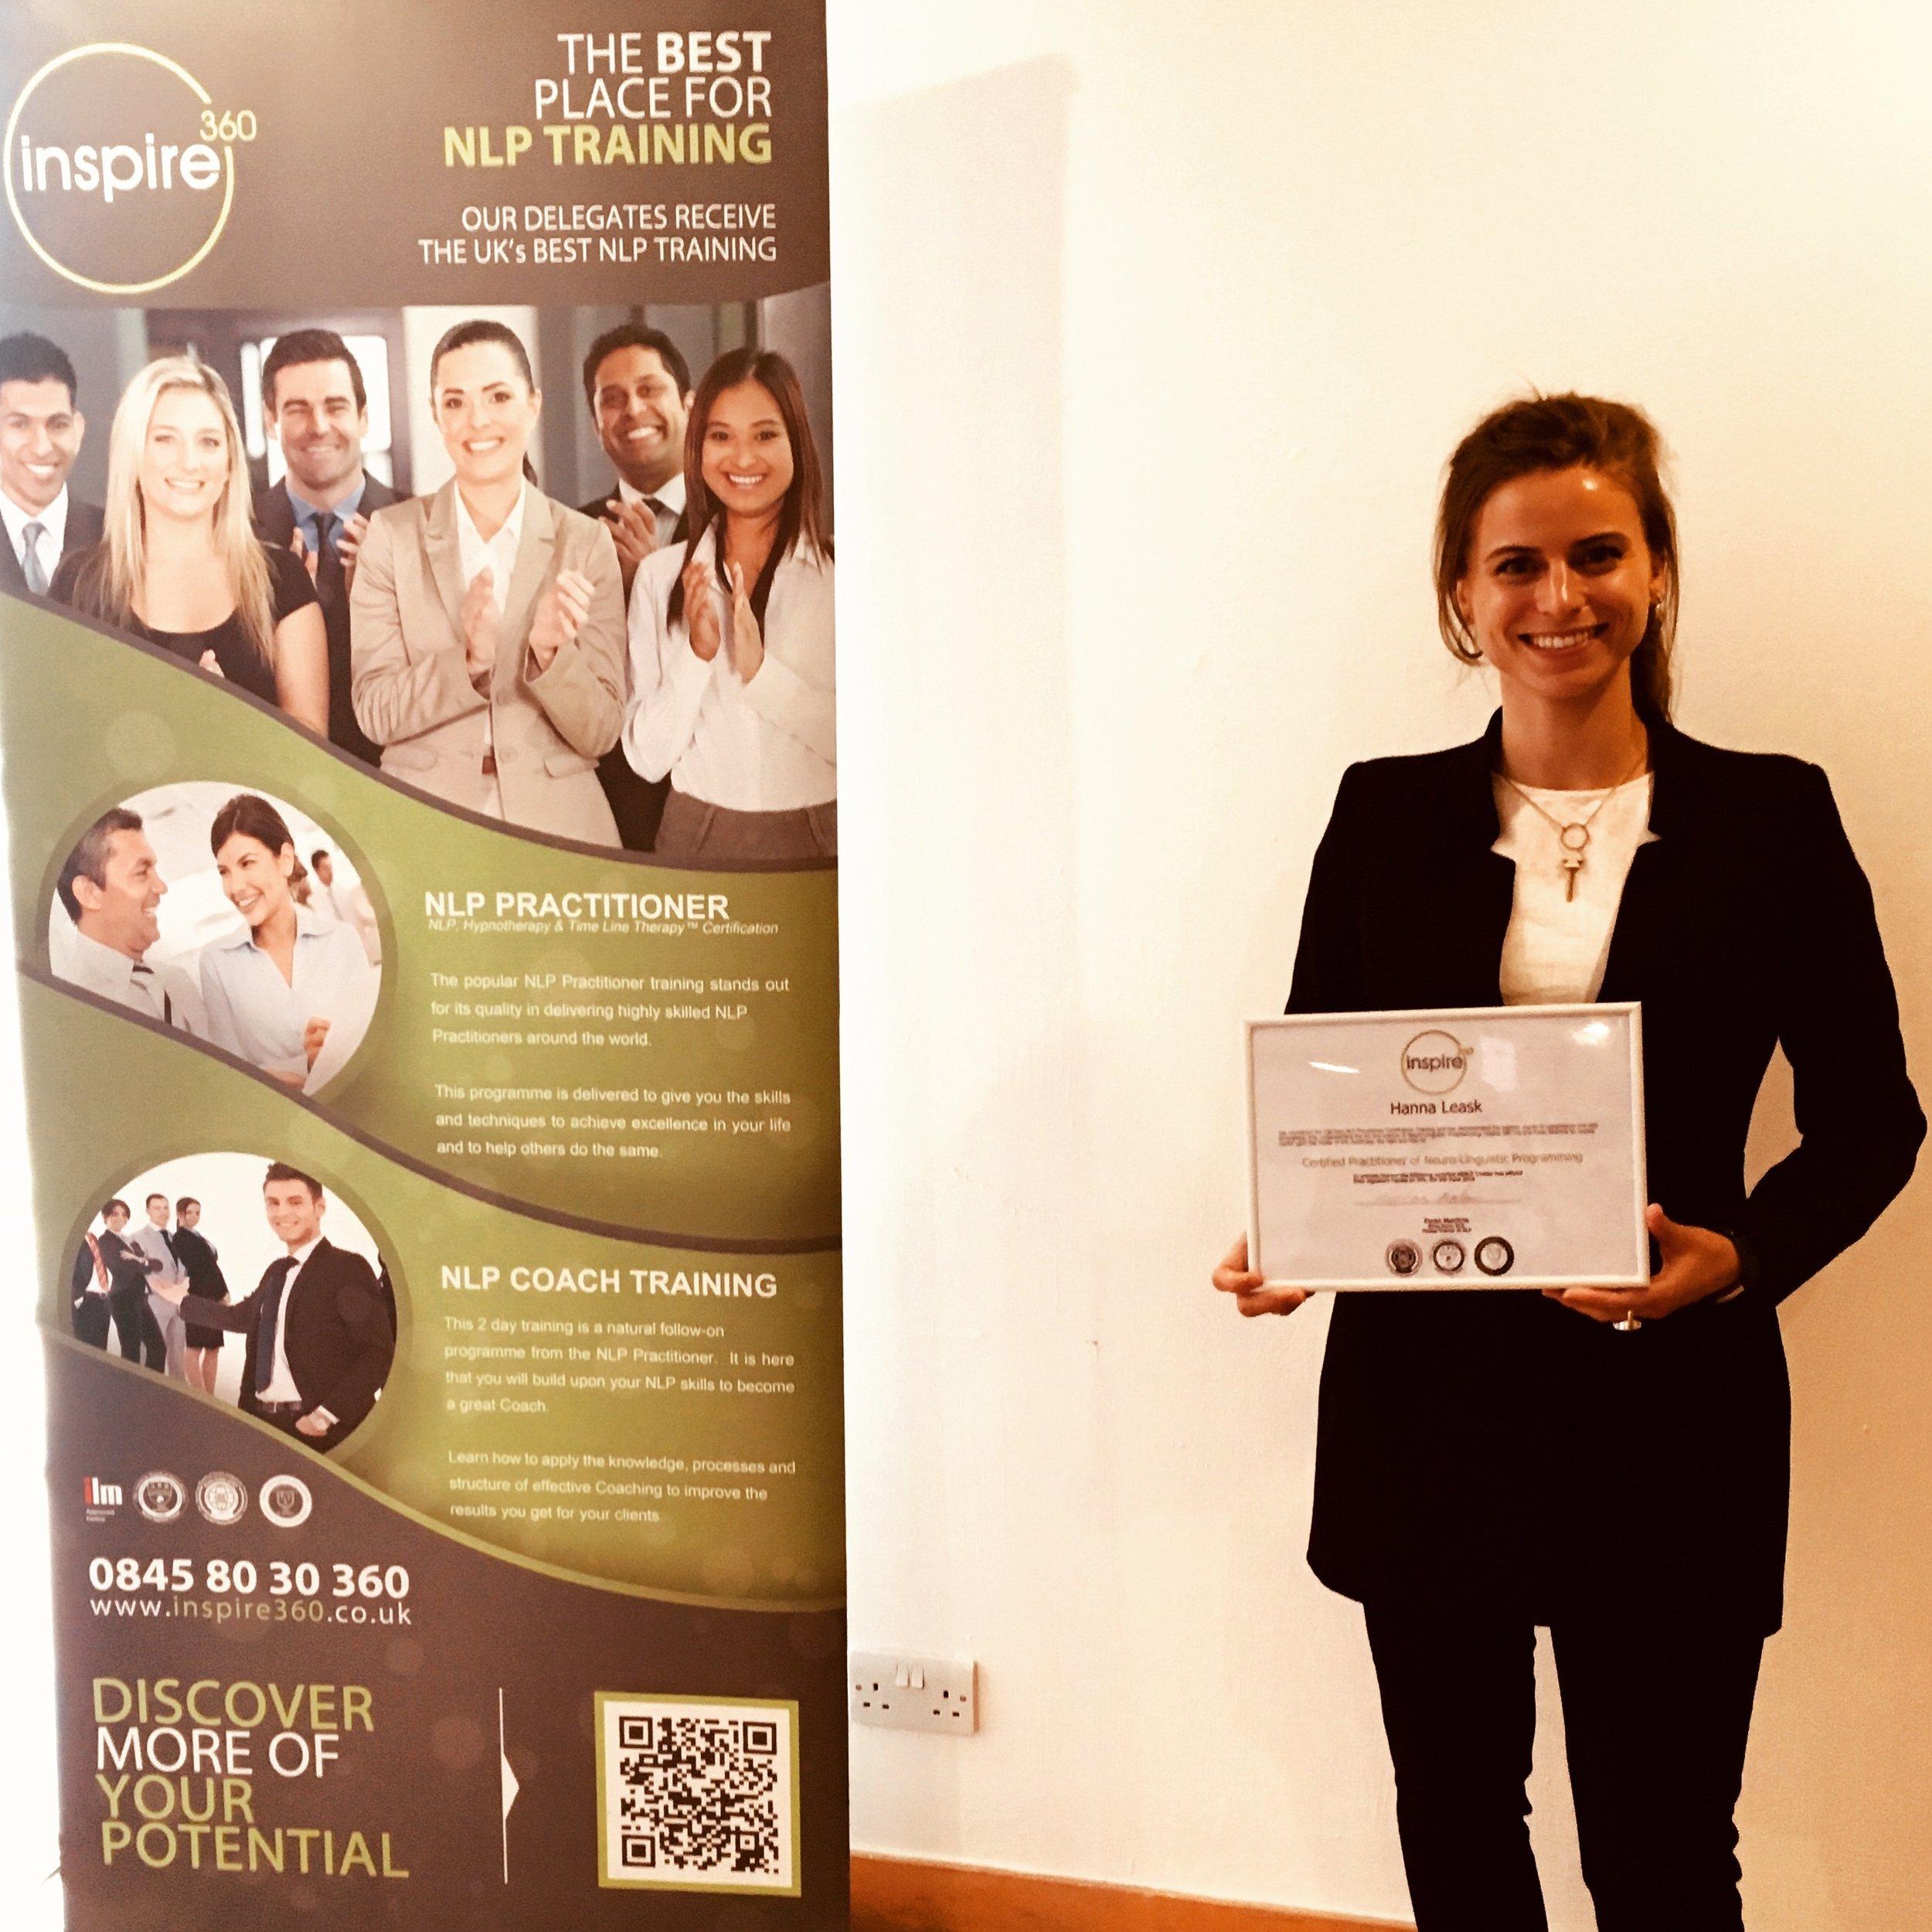 Hanna Leask NLP Certified